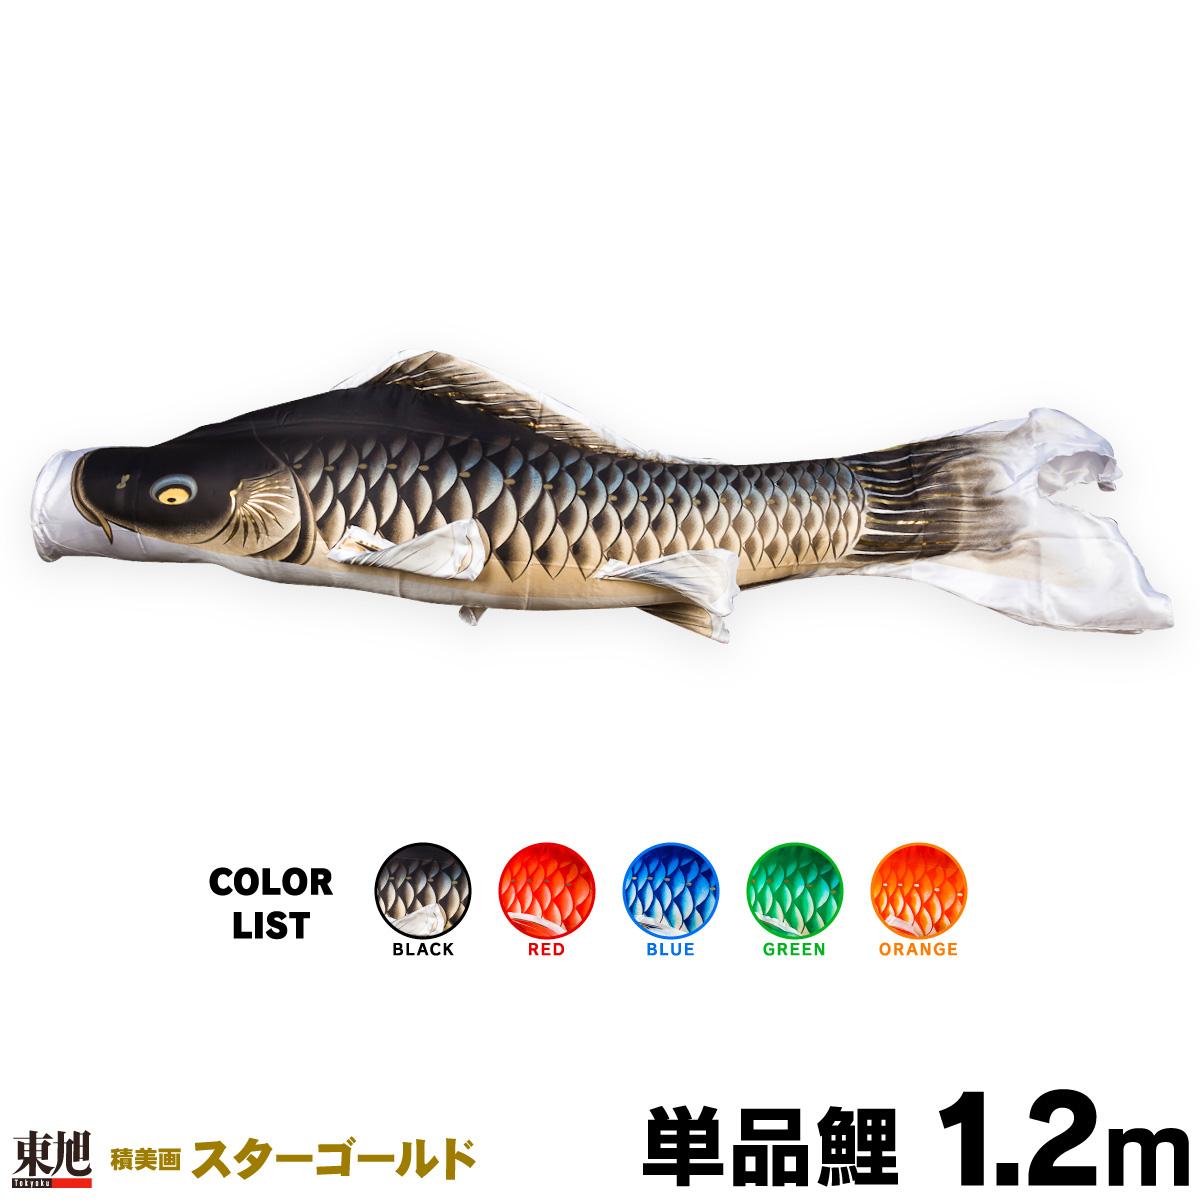 【こいのぼり 単品】 積美画スターゴールド 1.2m 単品鯉